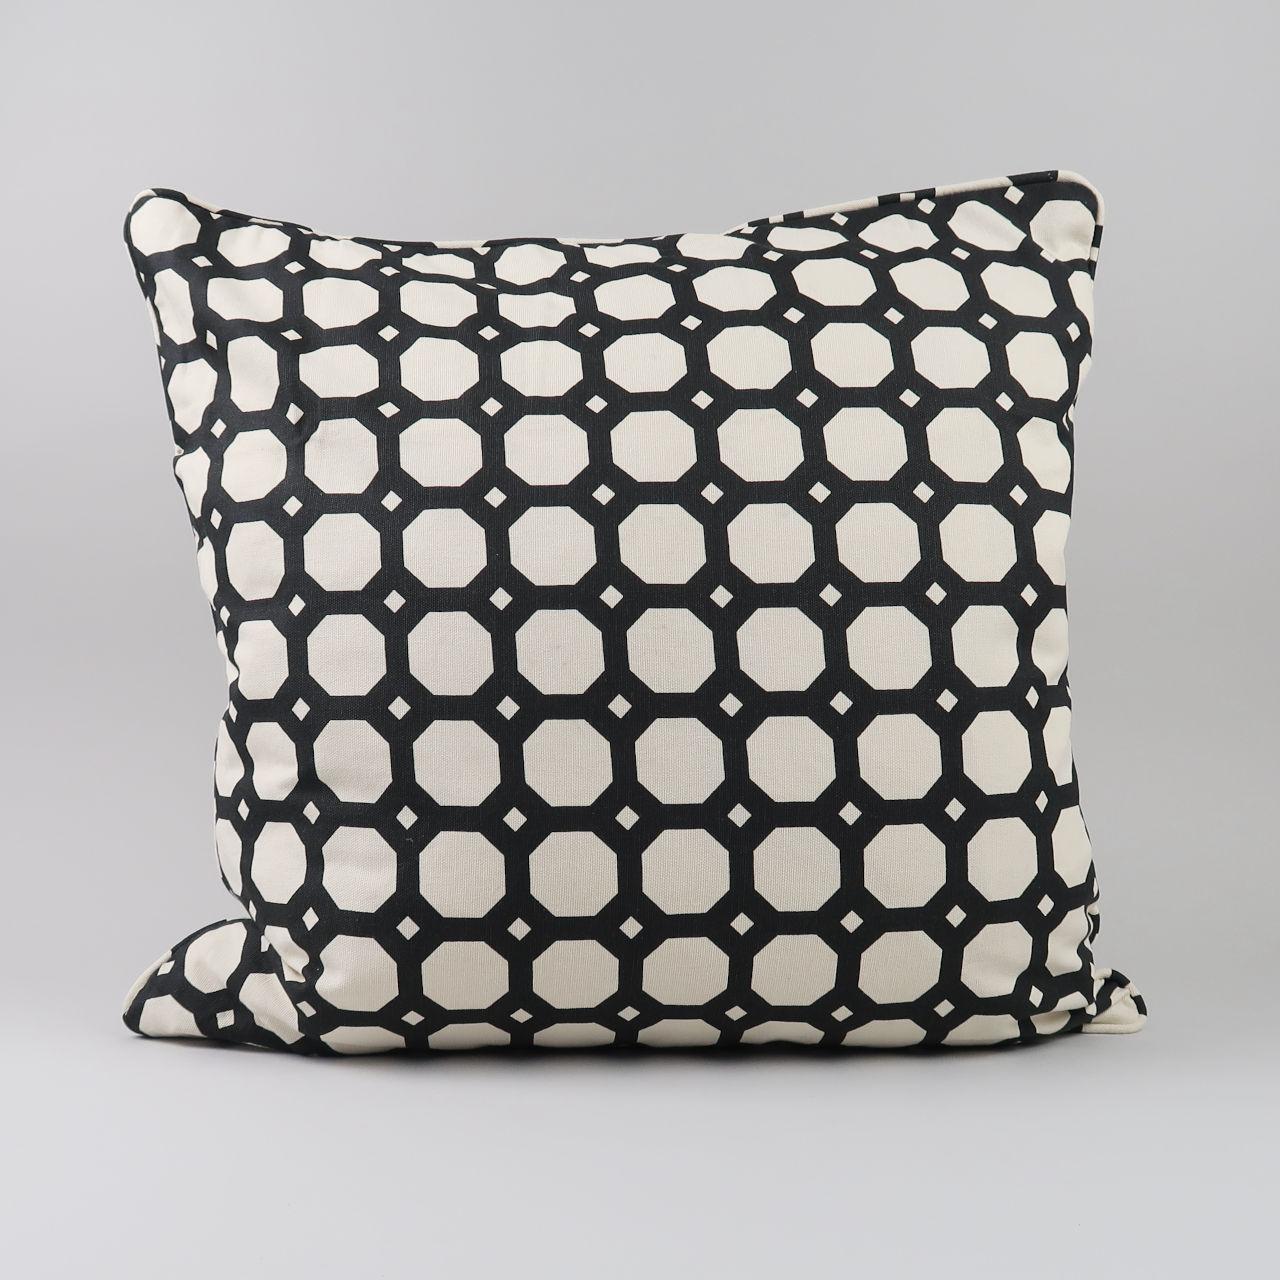 Black & White Cushion